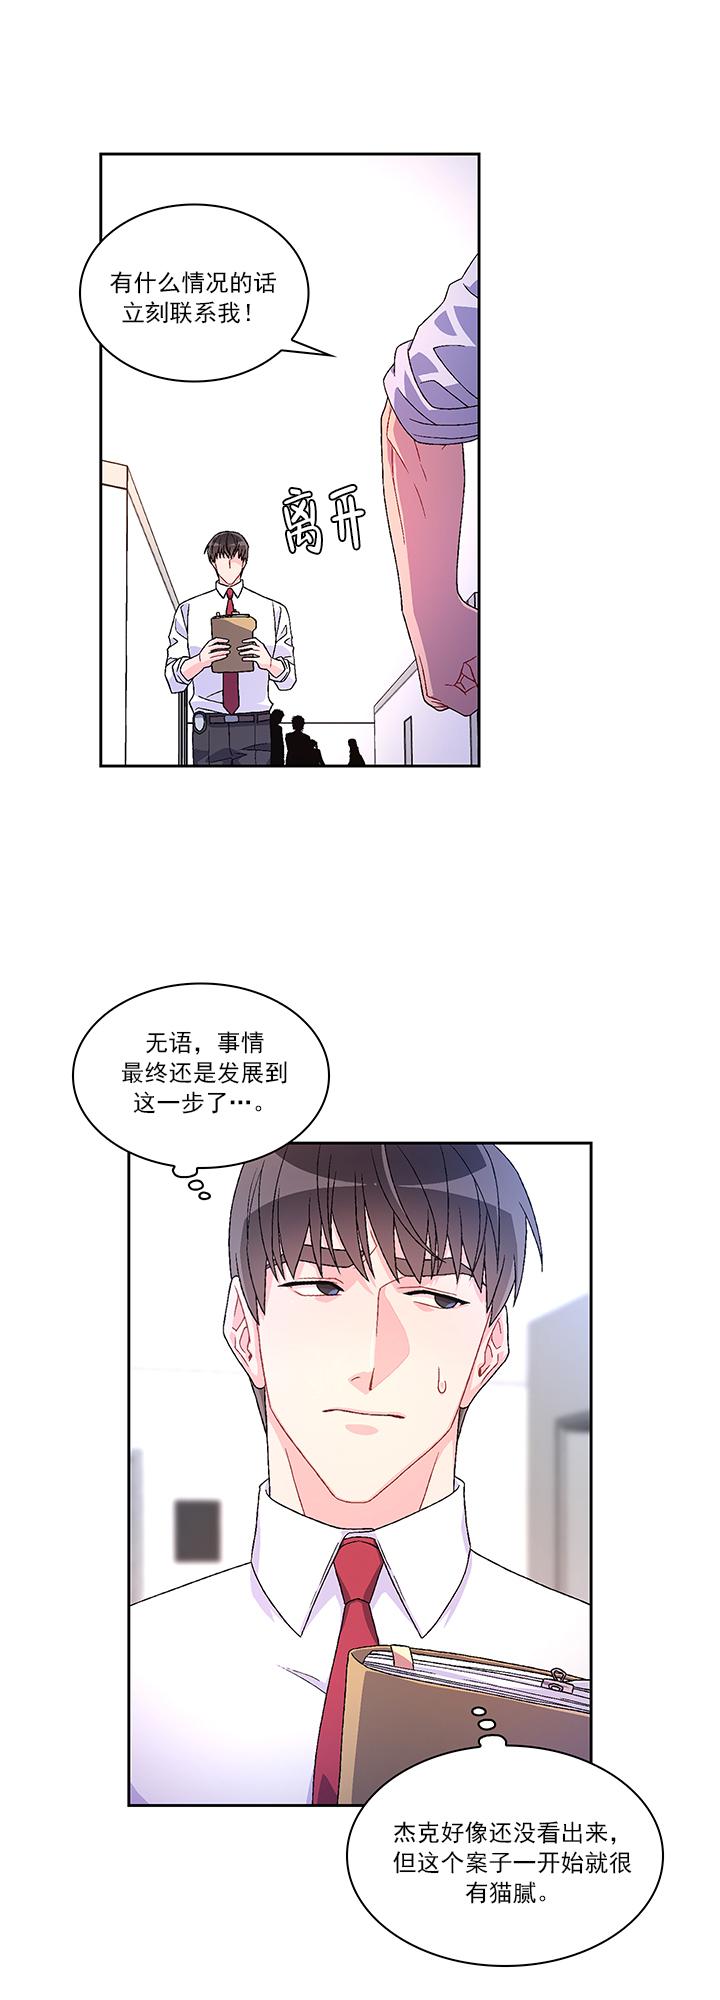 韩漫 | 《亚瑟》美人攻x刑警受  第9张